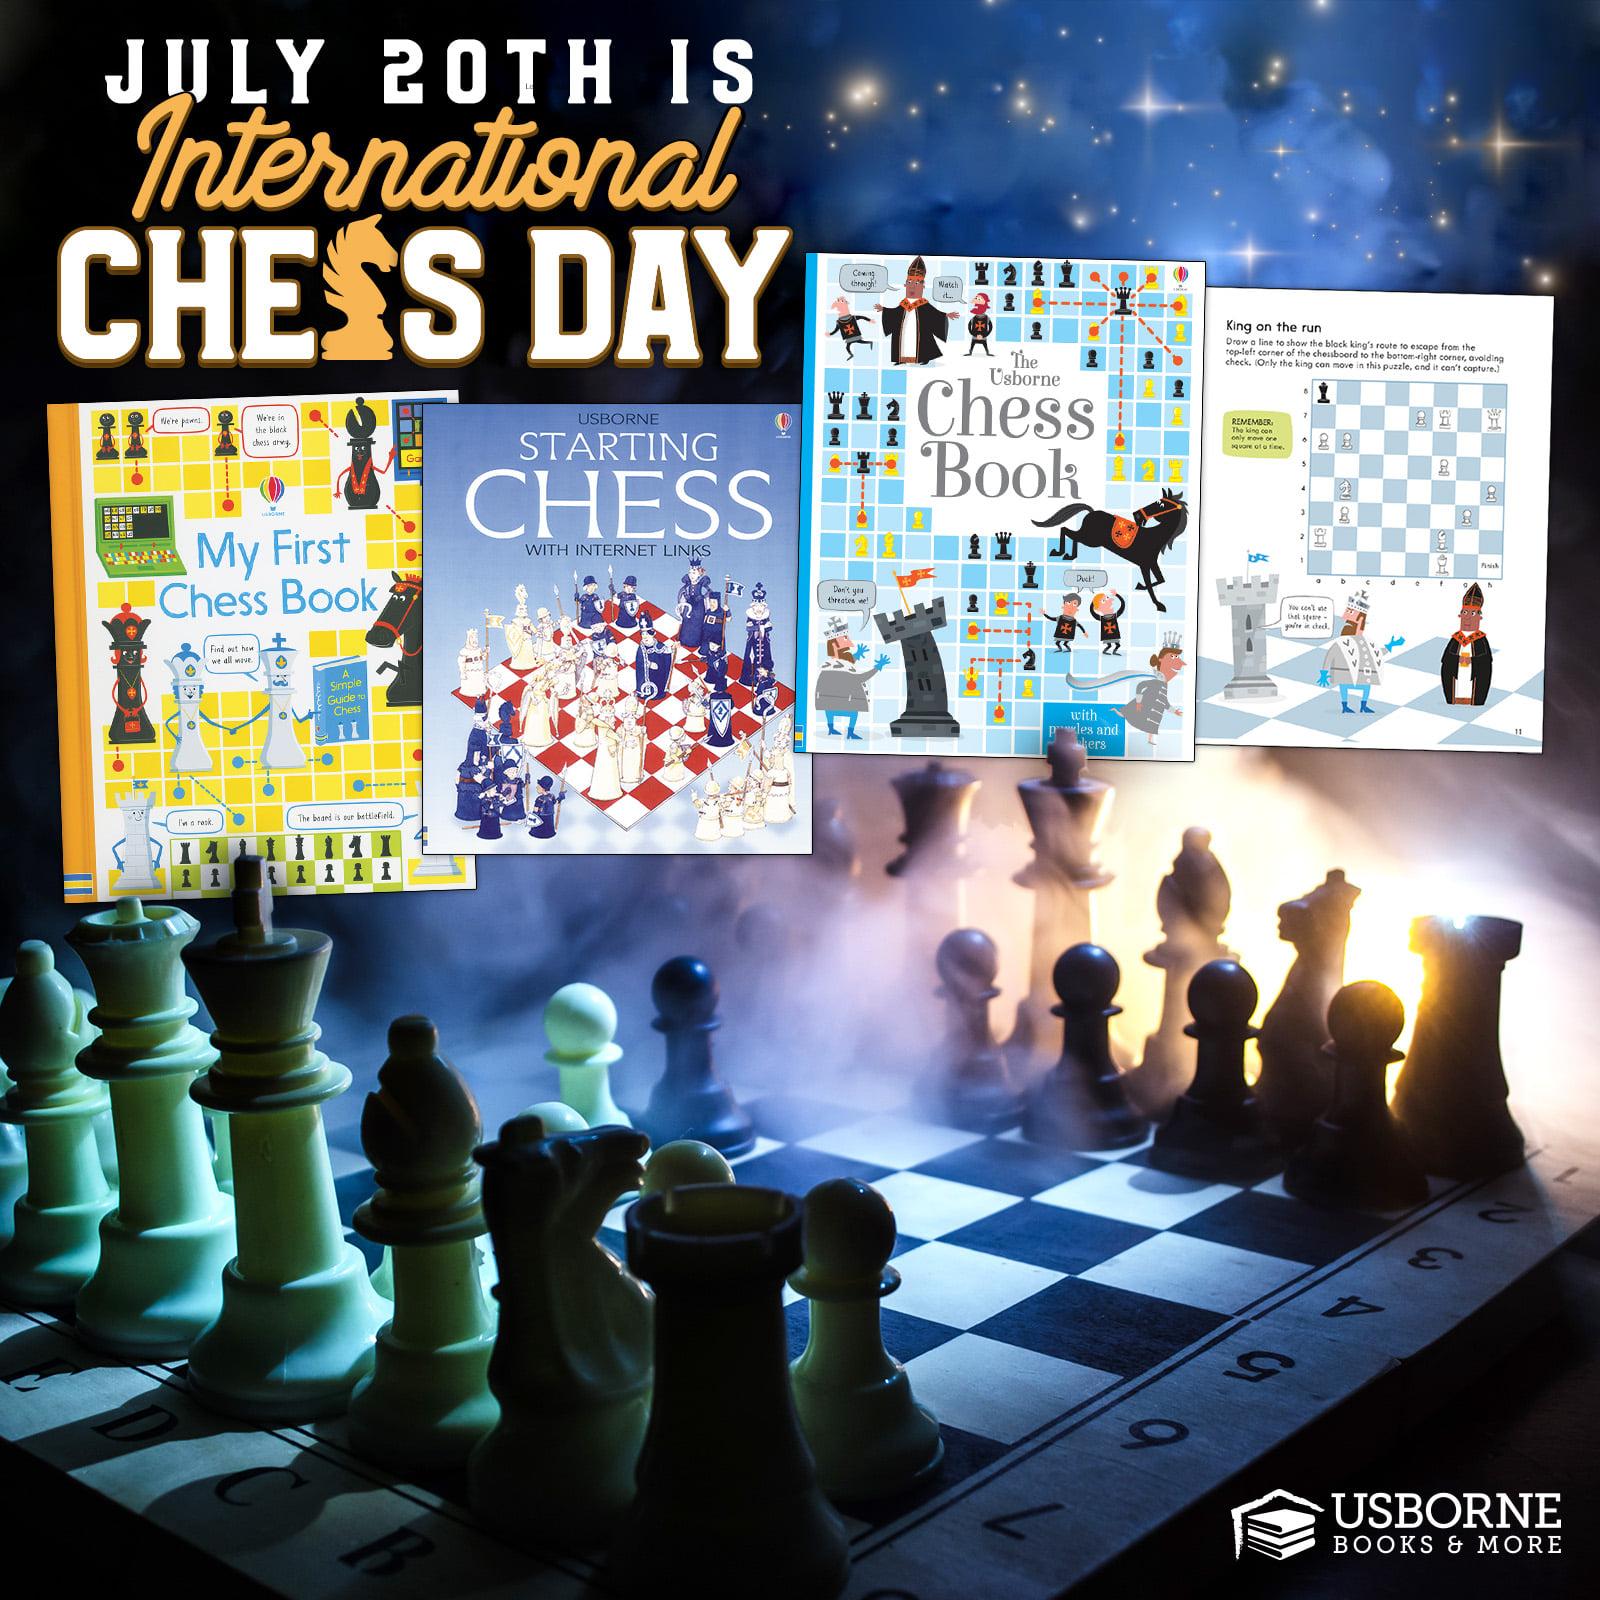 International Chess Day ~ July 20